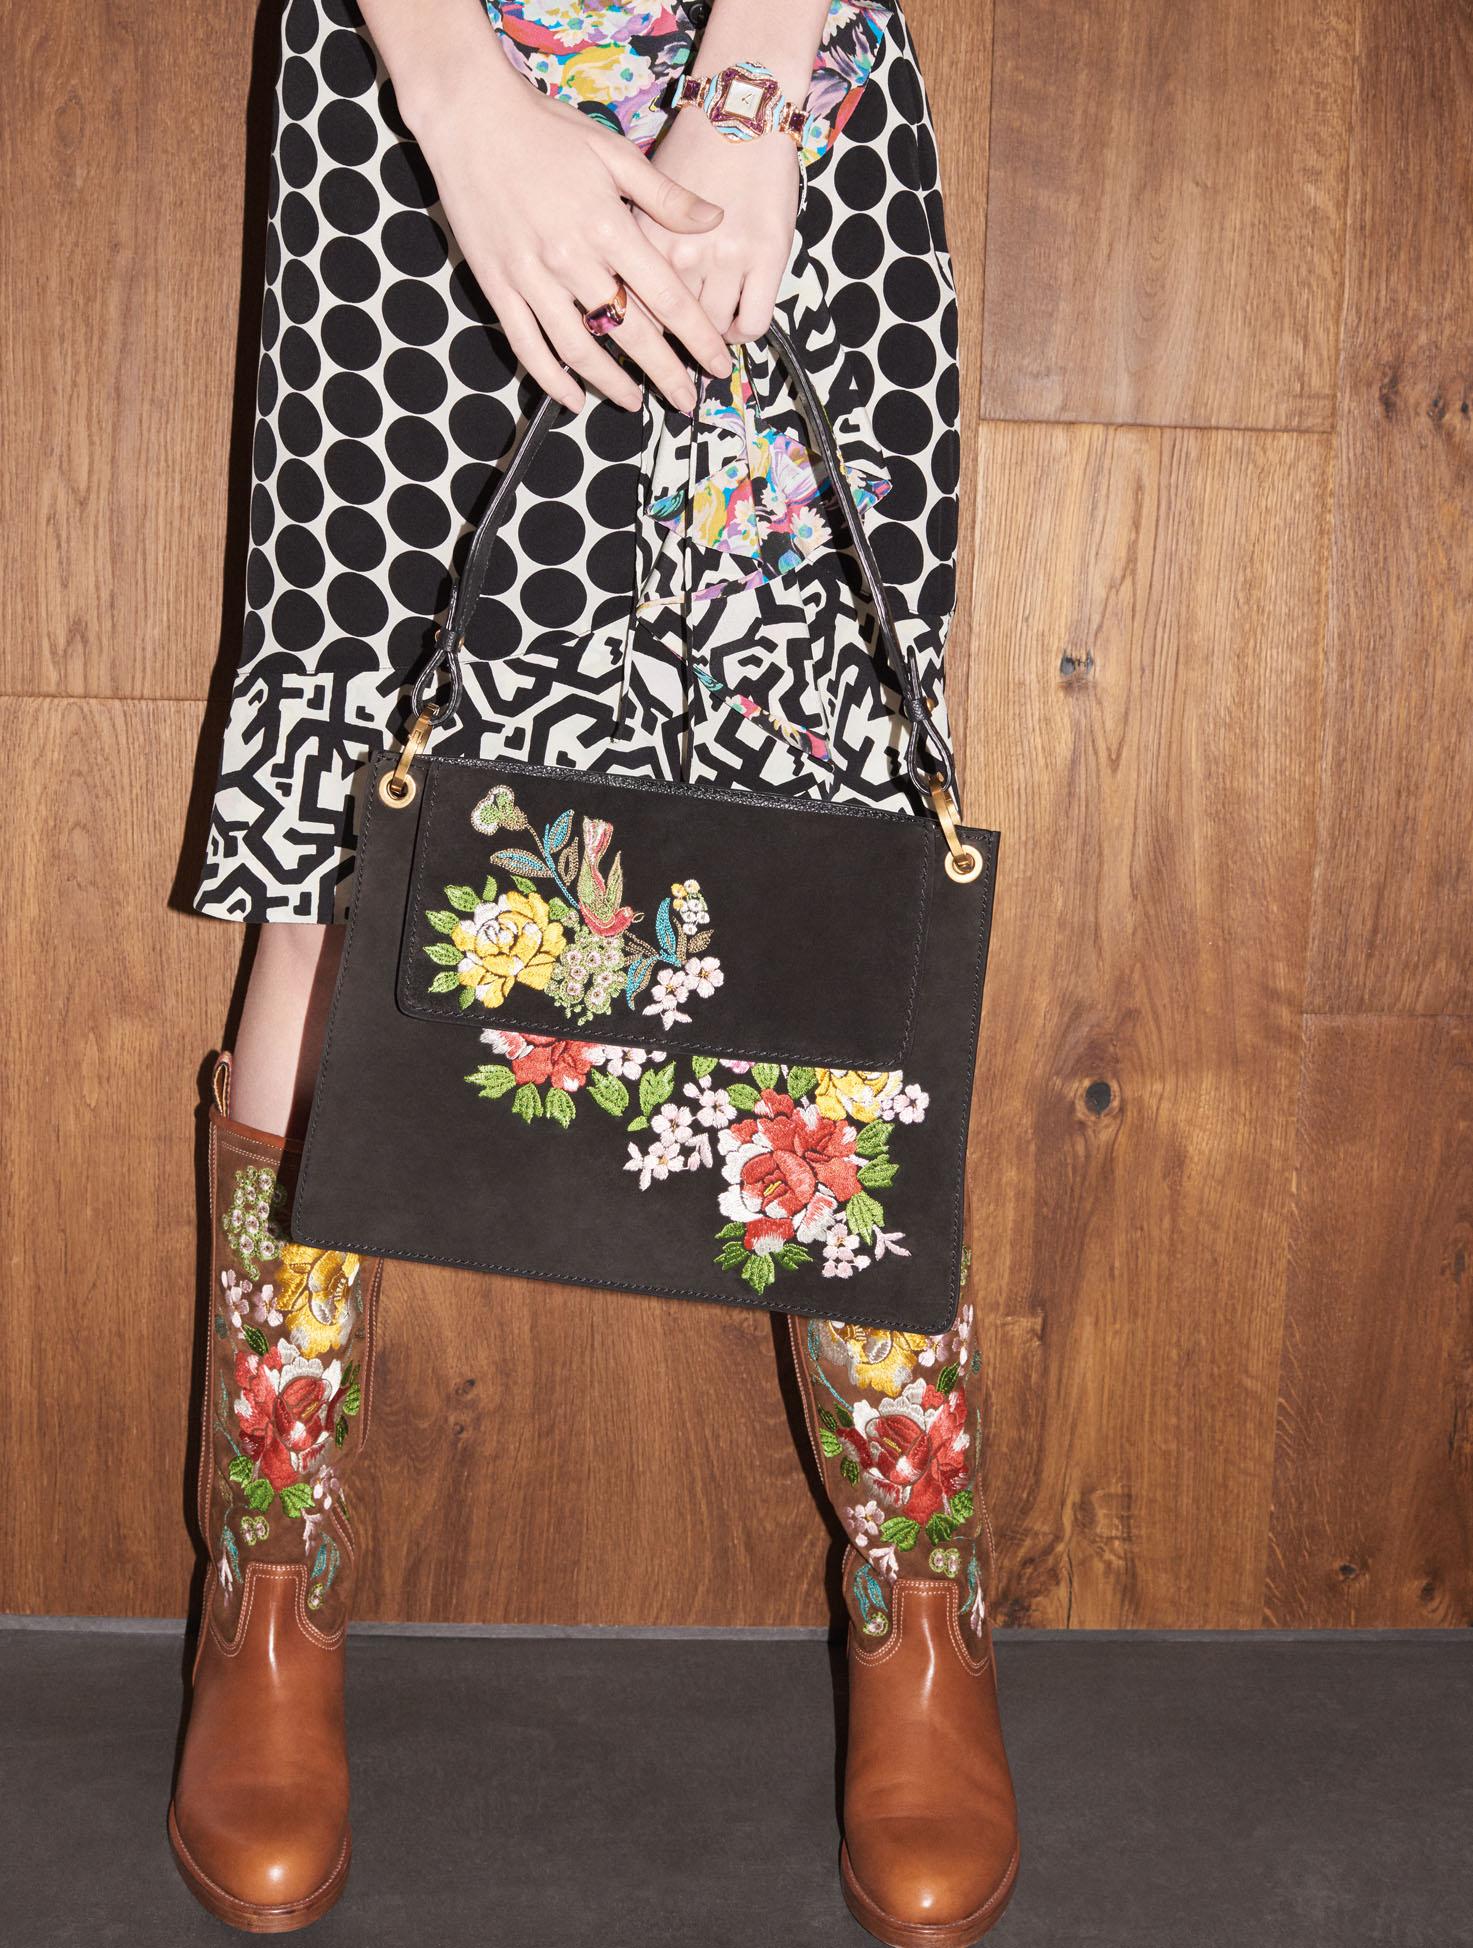 D la Rep Apertura Moda 2017 April-May 2017 | Marco Pietracupa | D la Repubblica | Milva Gigli | Numerique Retouch Photo Retouching Studio